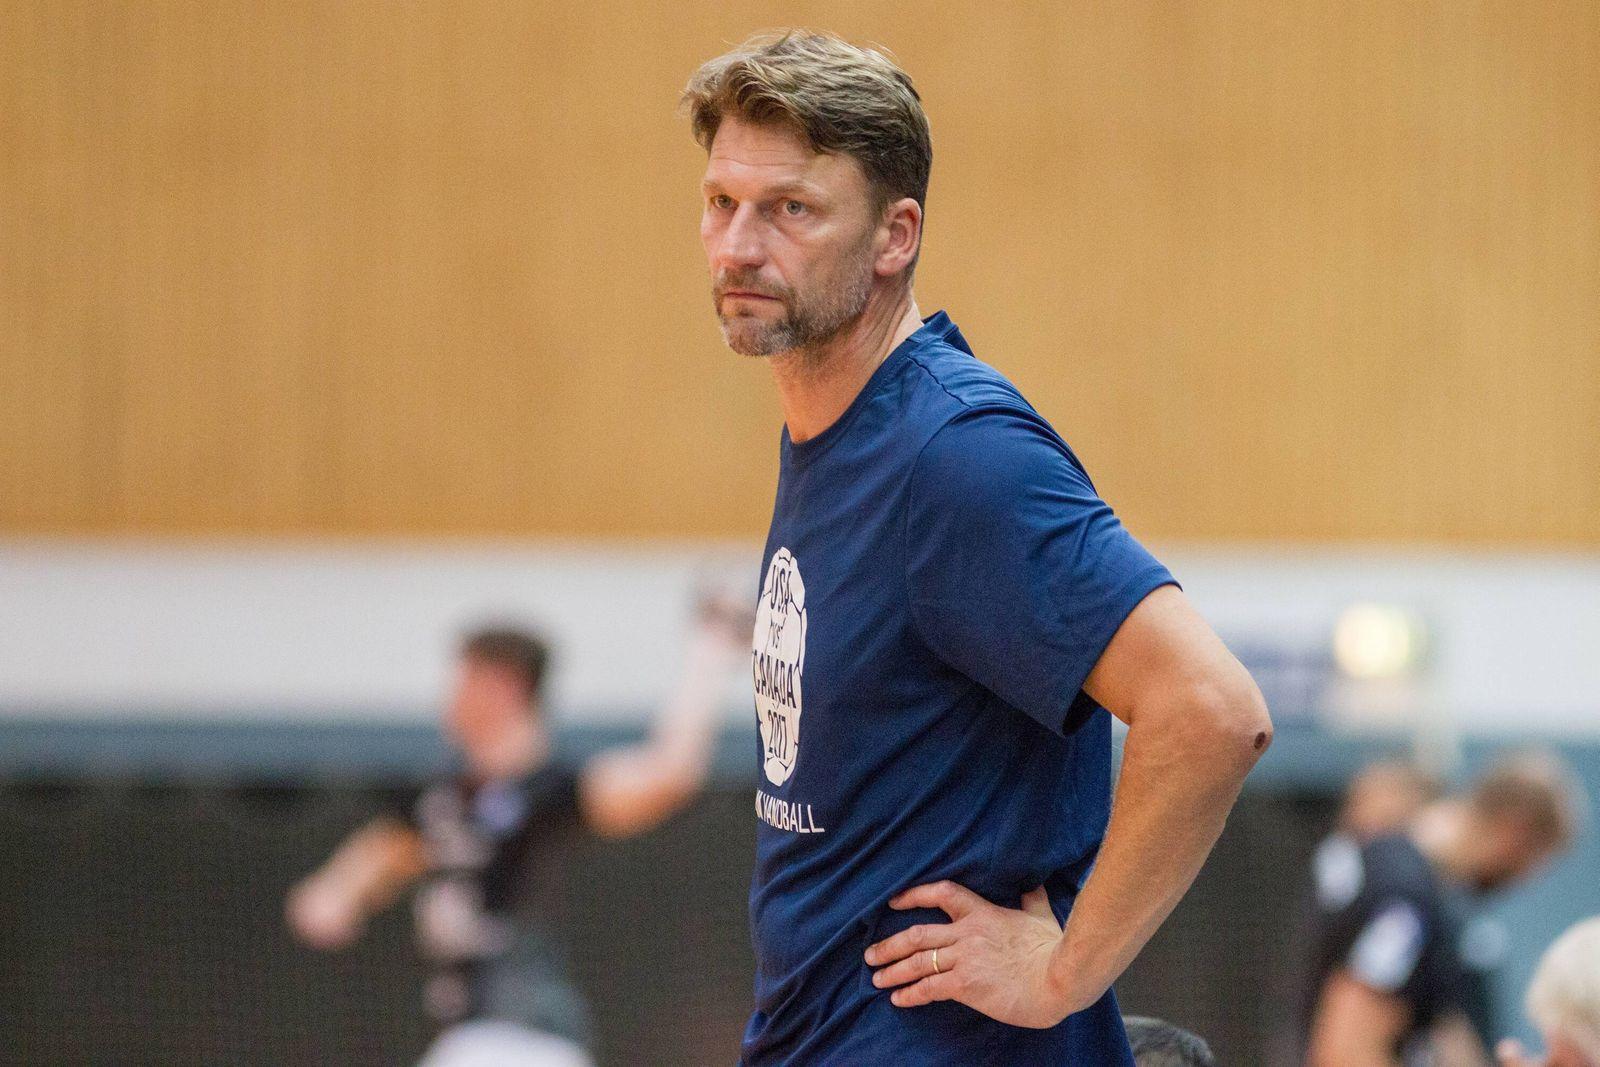 Robert Hedin Trainer Team USA Bergischer HC vs Team USA Handball HBL Testspiel 07 08 18 Solin